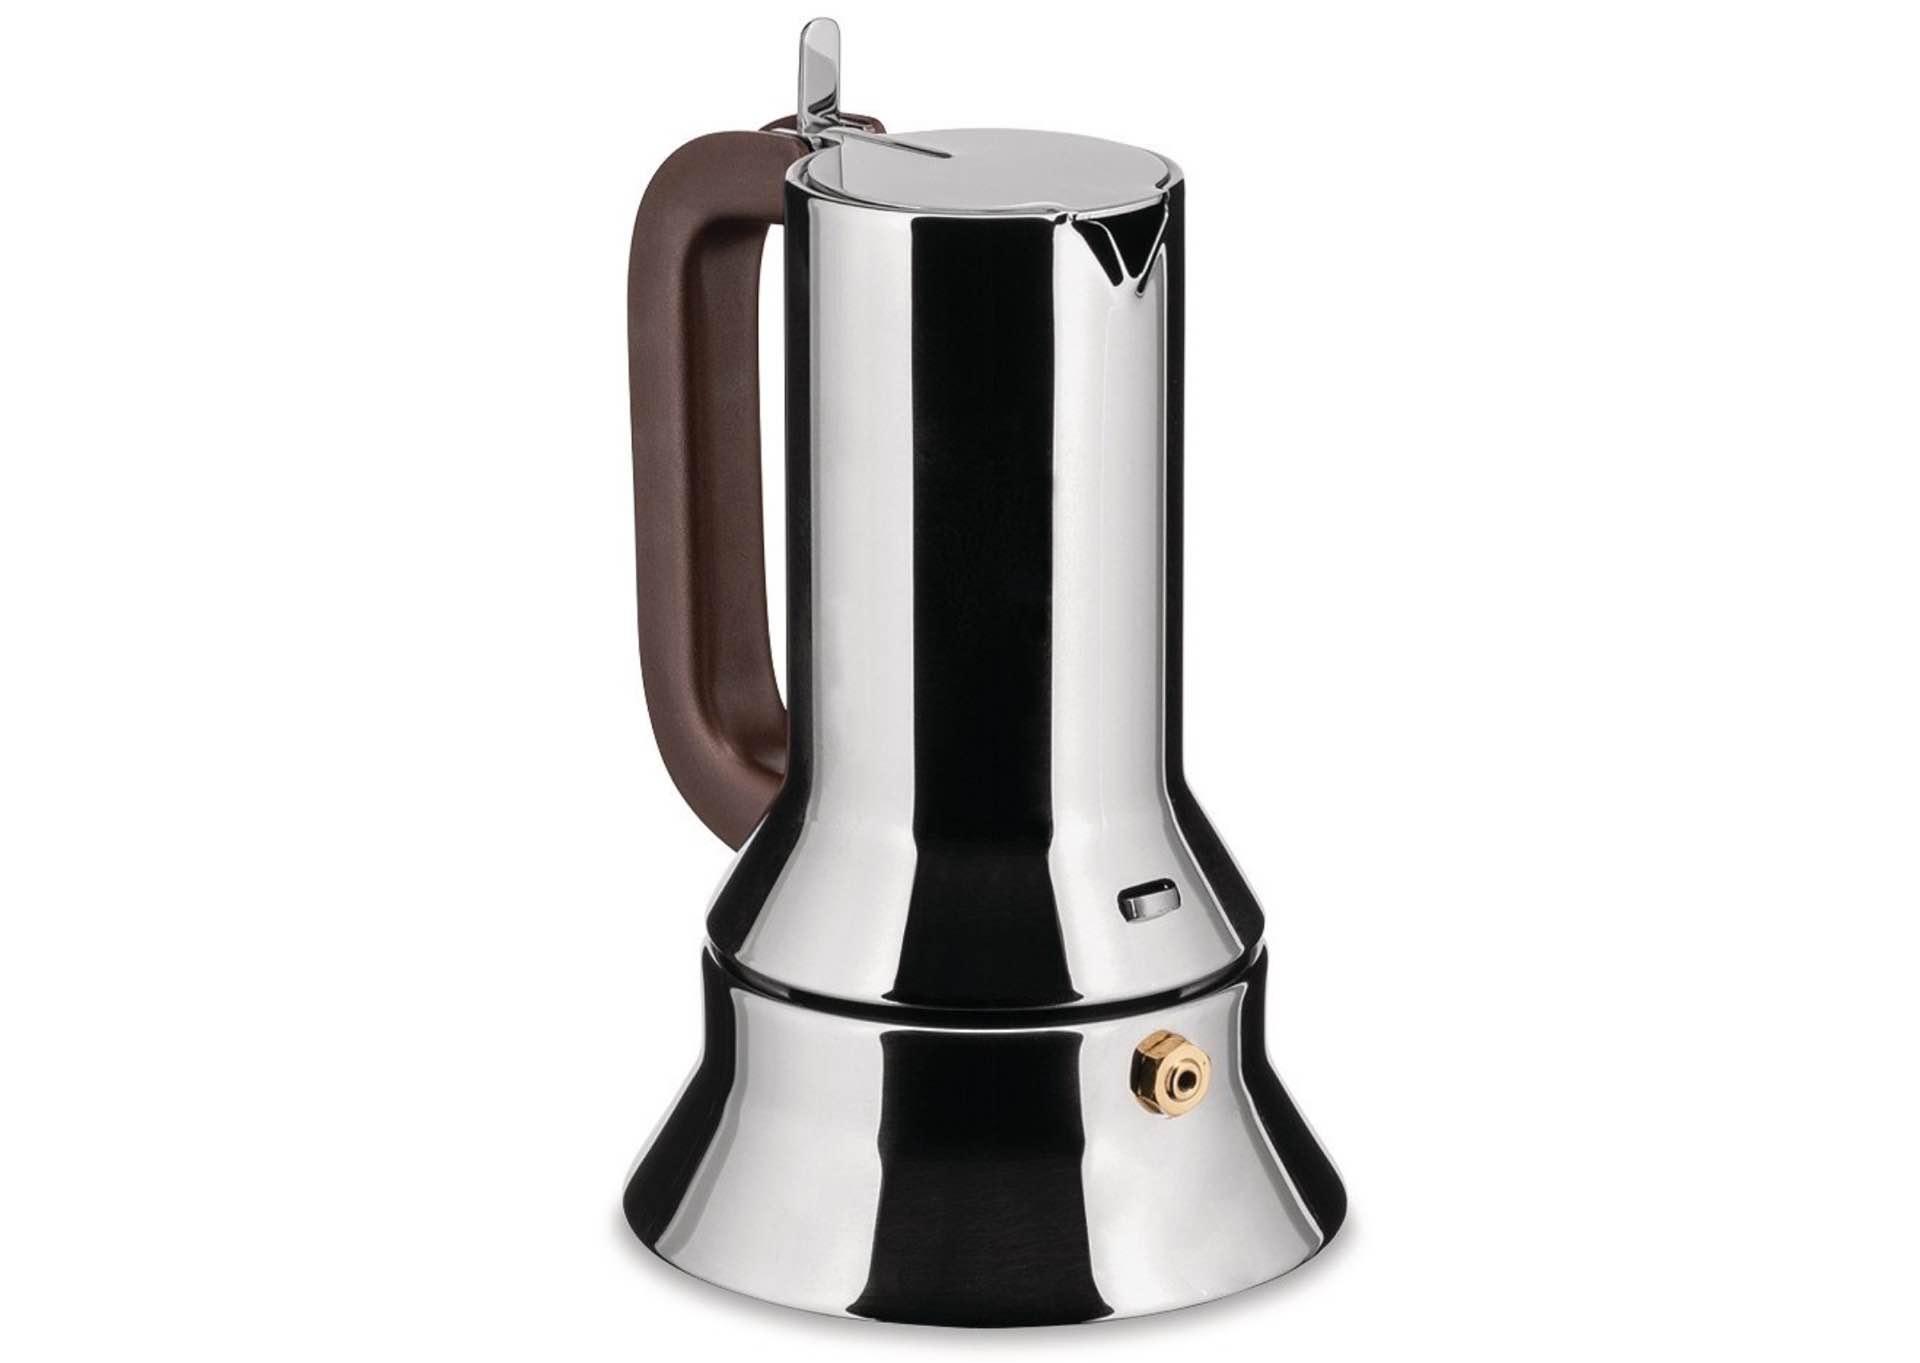 richard-sapper-alessi-9090-stovetop-espresso-maker